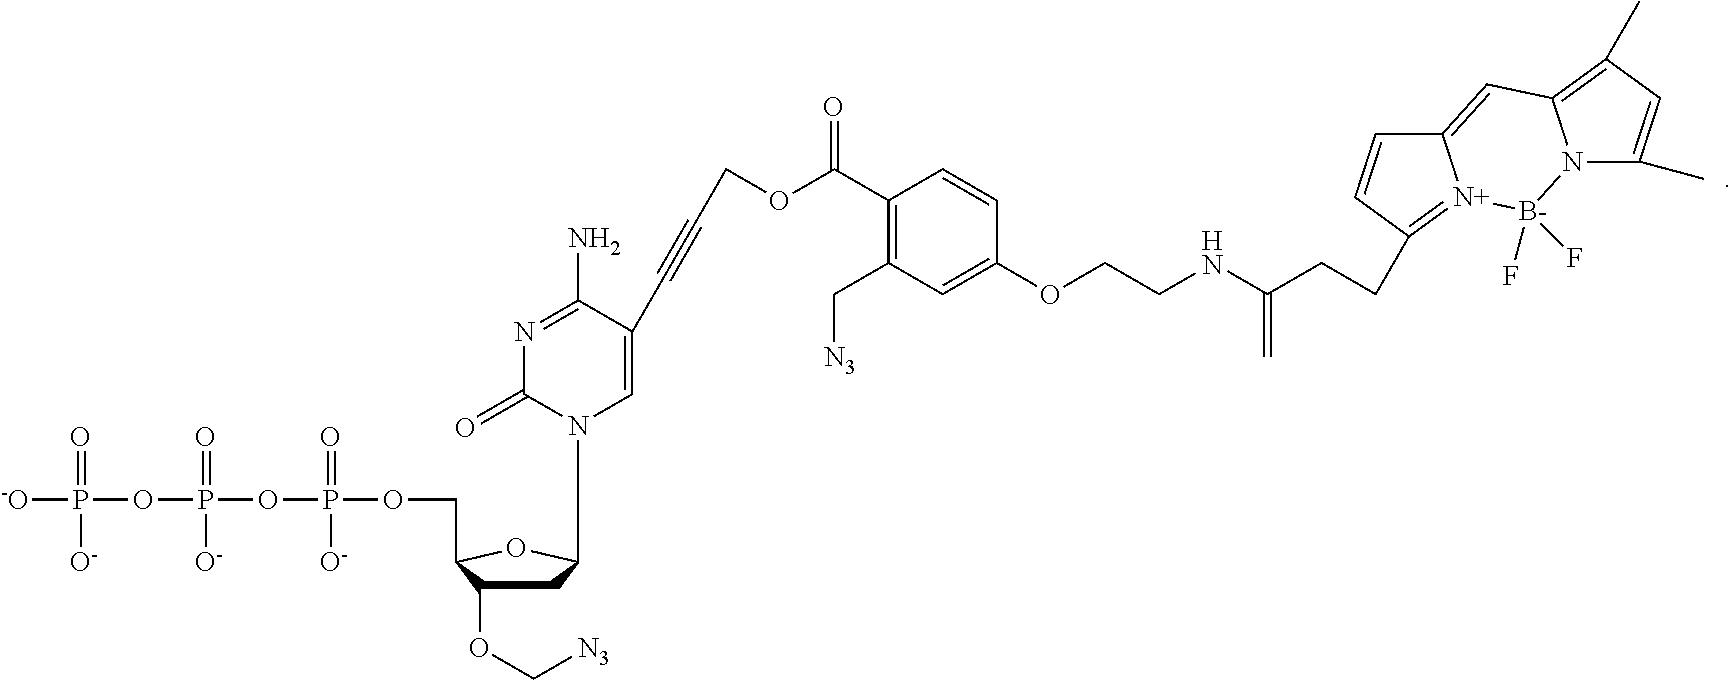 Figure US10144961-20181204-C00028